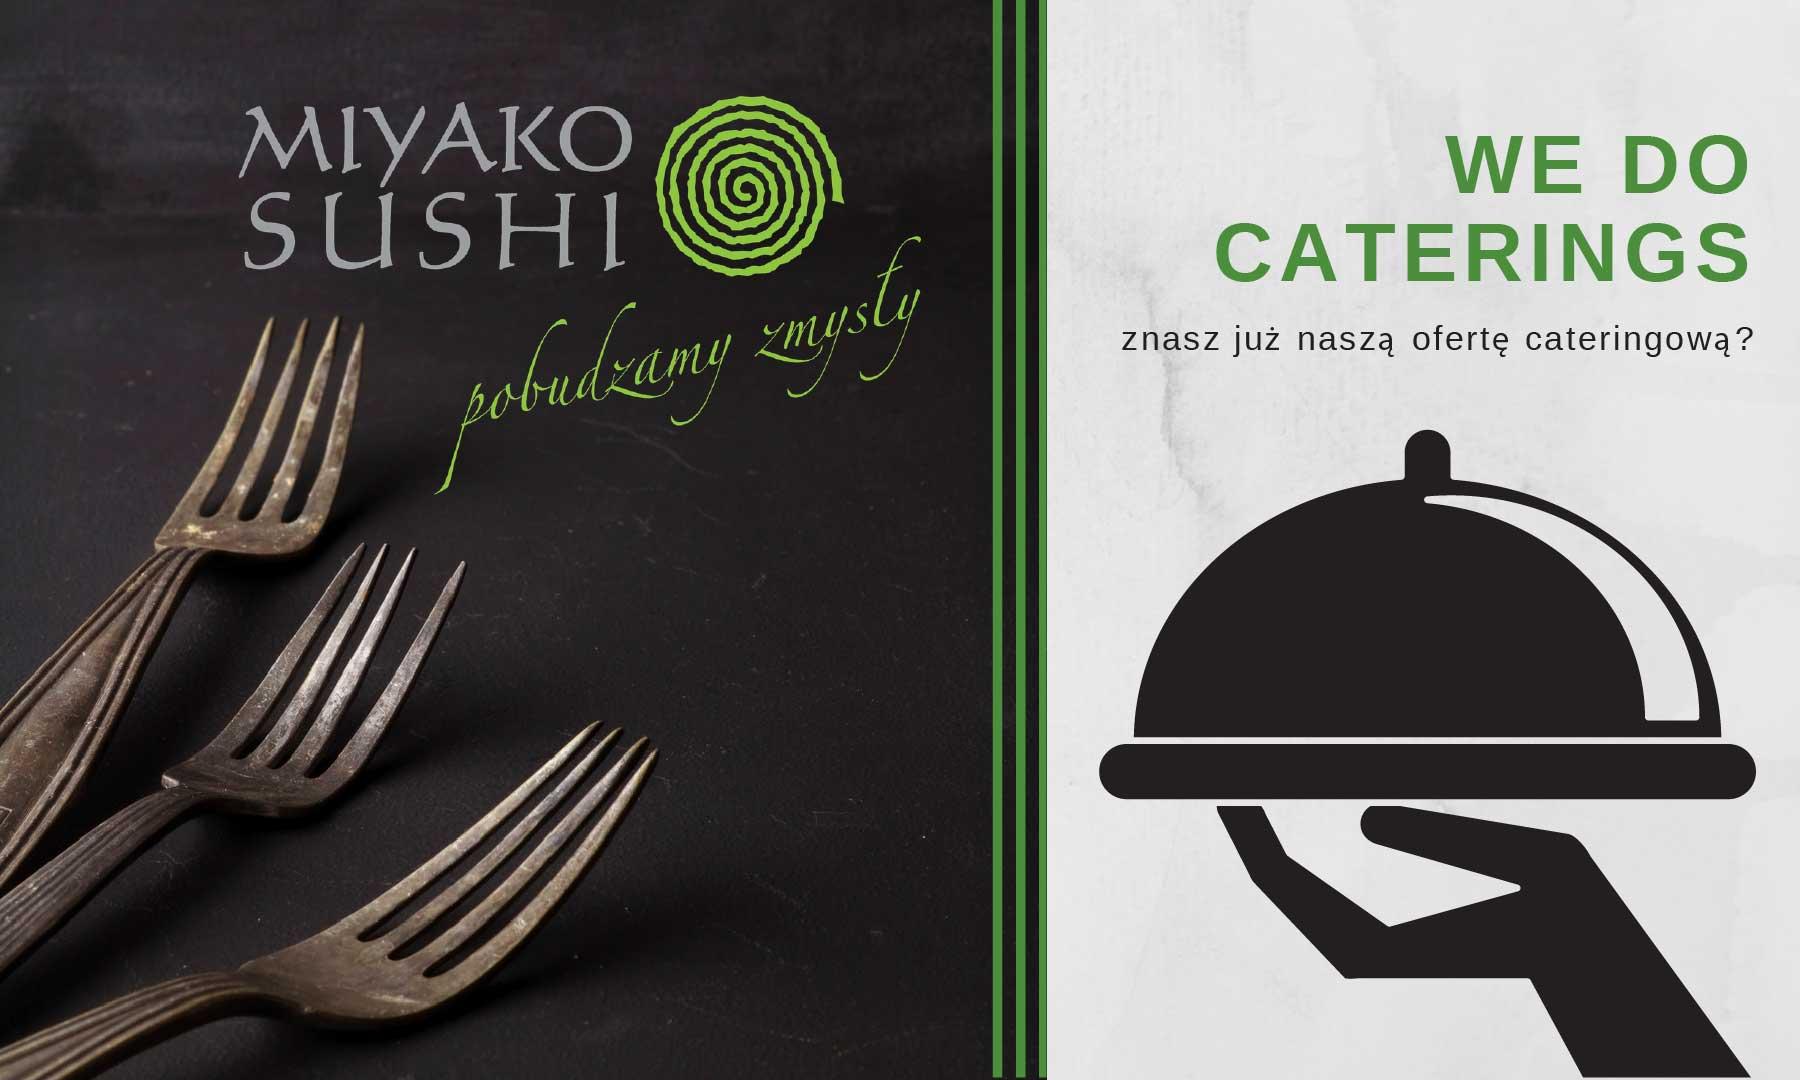 Zachęcamy do skorzystania z naszej bogatej oferty cateringowej